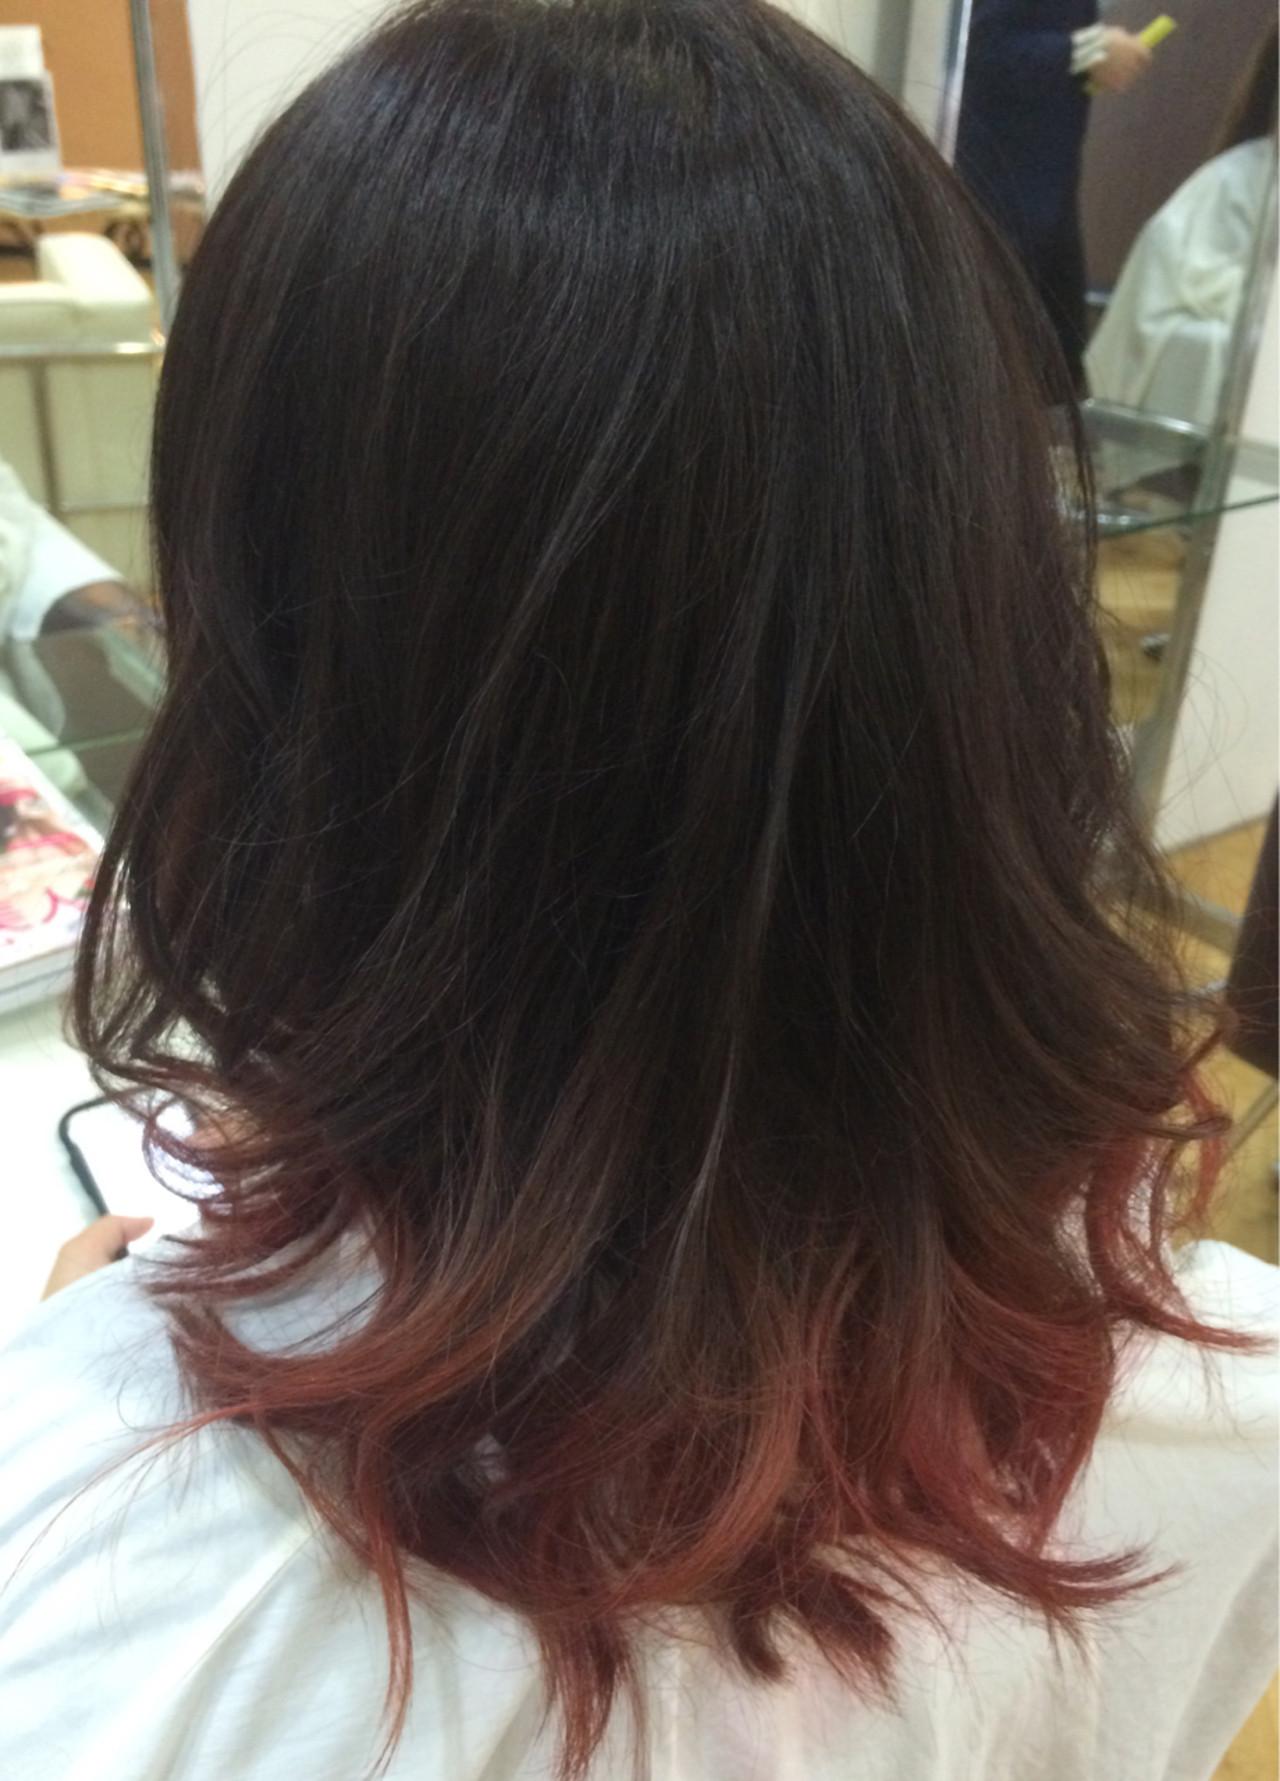 レッド ピンク グラデーションカラー ミディアム ヘアスタイルや髪型の写真・画像